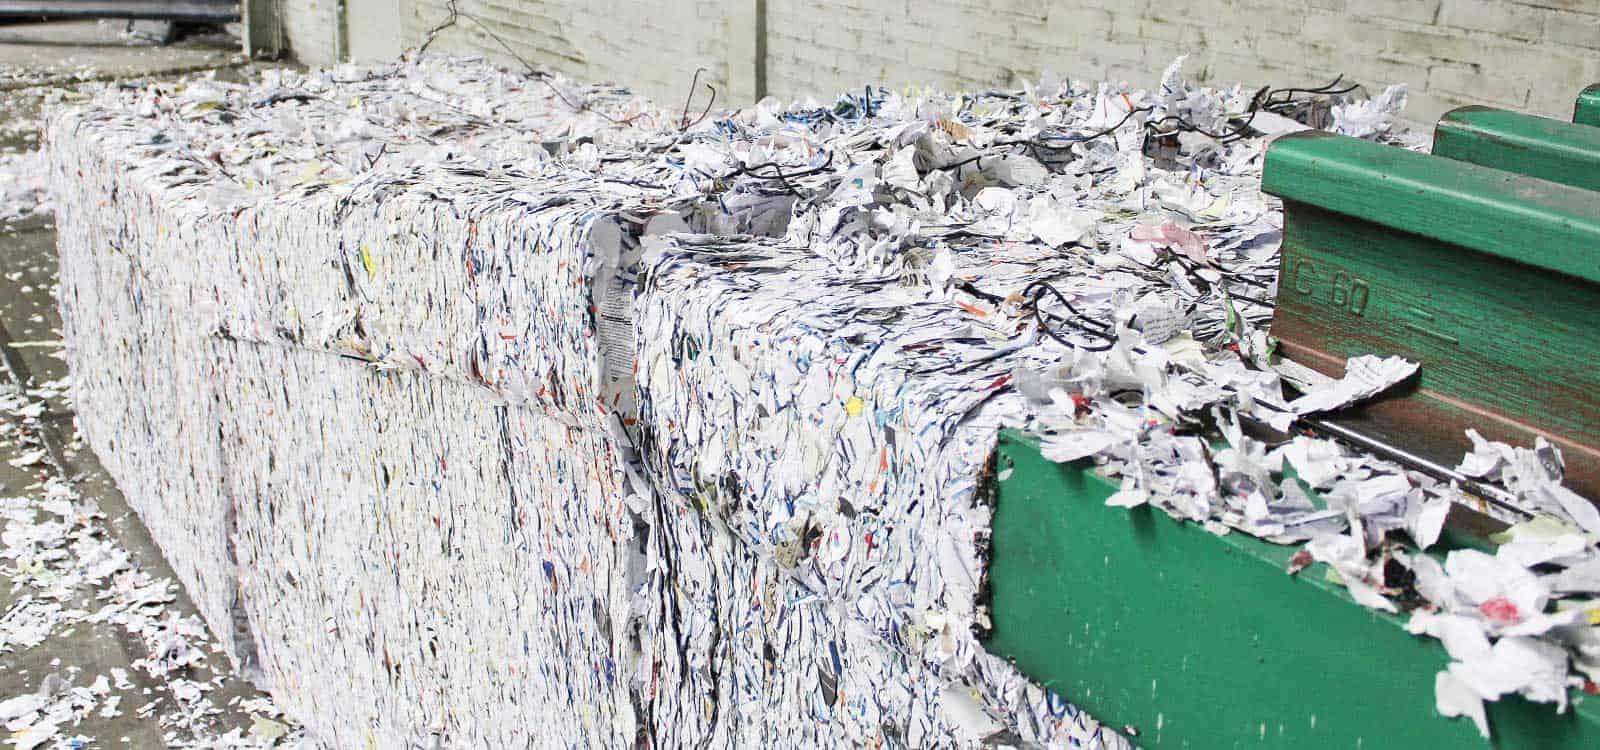 Papierzerkleinerungsdienste-Dokumentenzerstörung